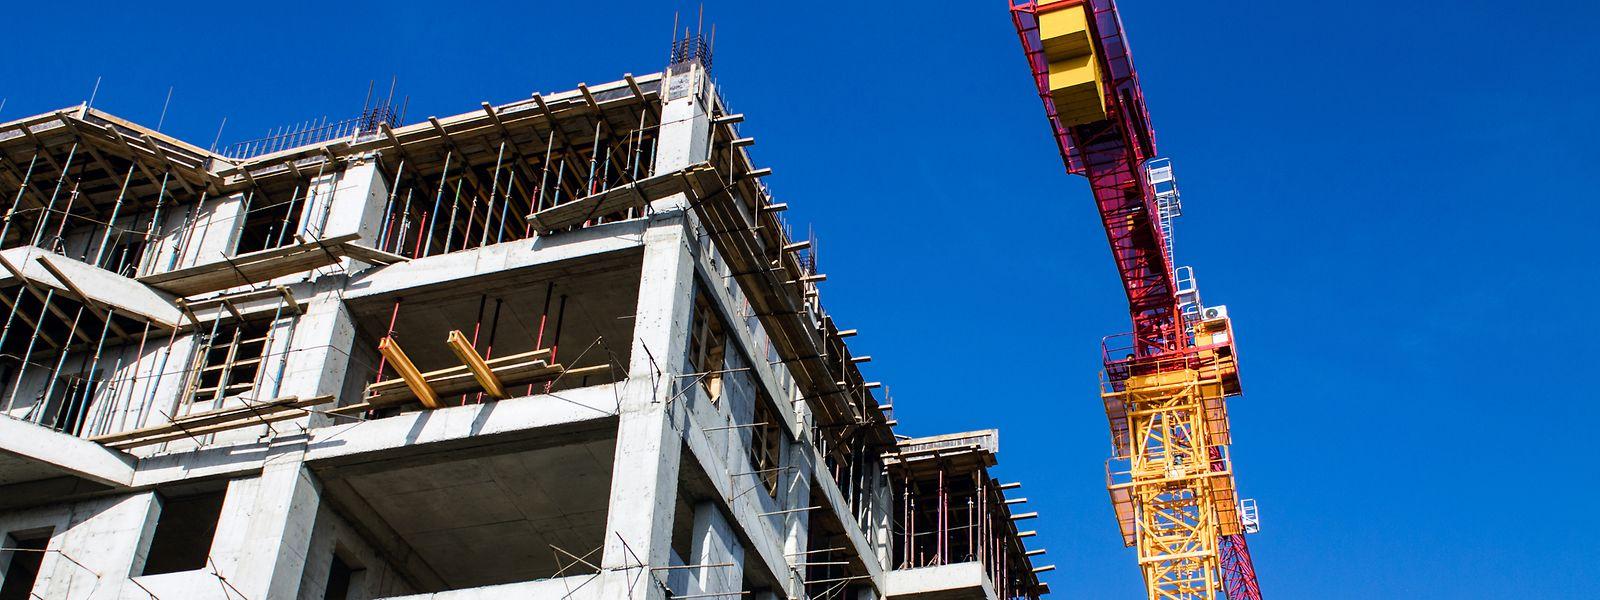 Schon bald könnten Unternehmen in Luxemburg Wohnungen für die eigenen Mitarbeiter bauen lassen.